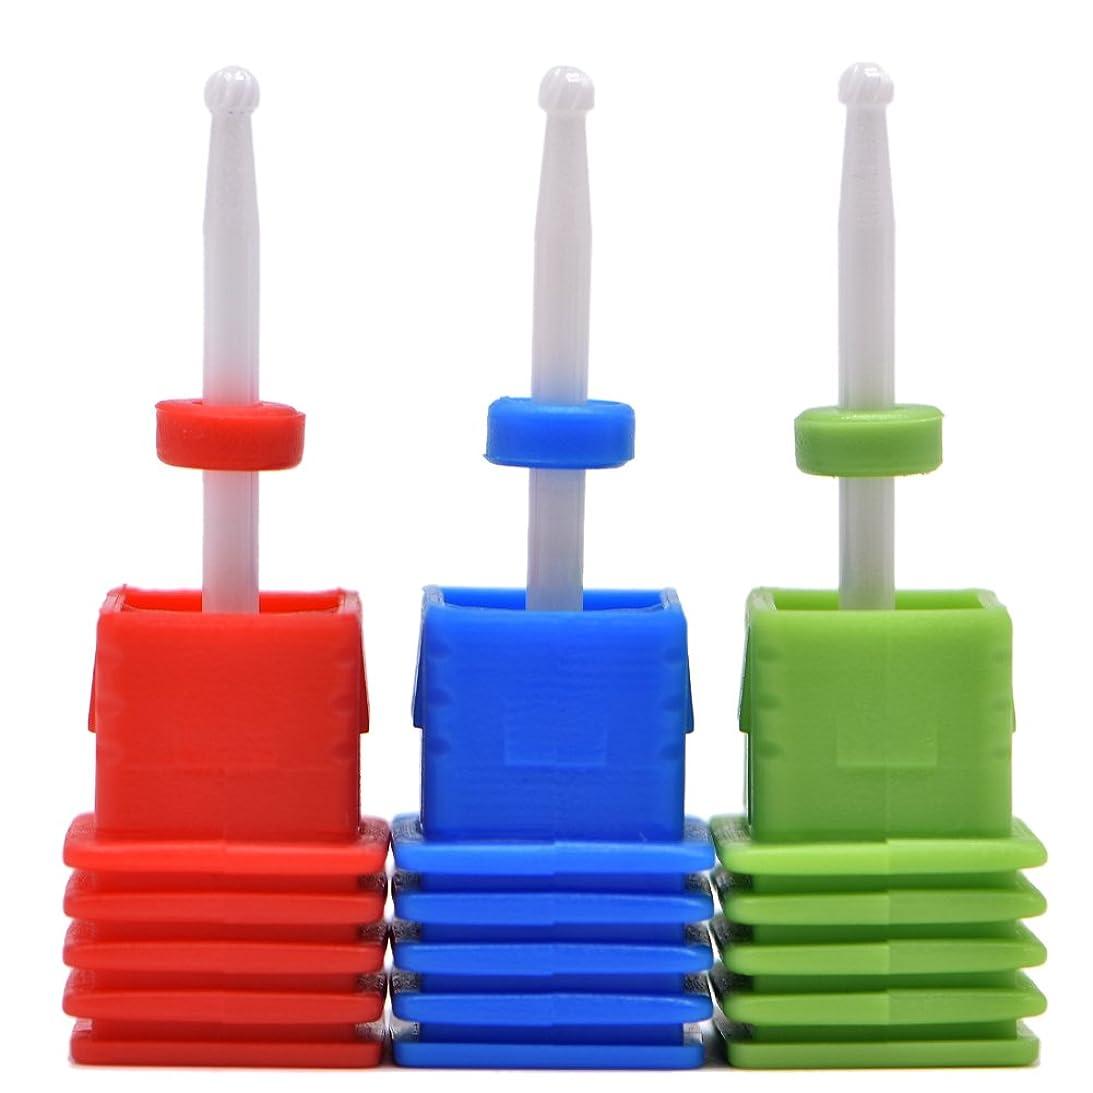 ヘア倒産酸っぱいOral Dentistry ネイルアート ドリルビット小さい丸い 研磨ヘッド ネイル グラインド ヘッド 爪 磨き 研磨 研削 セラミック 全3色 (レッドF(微研削)+グリーンC(粗研削)+ブルーM(中仕上げ))